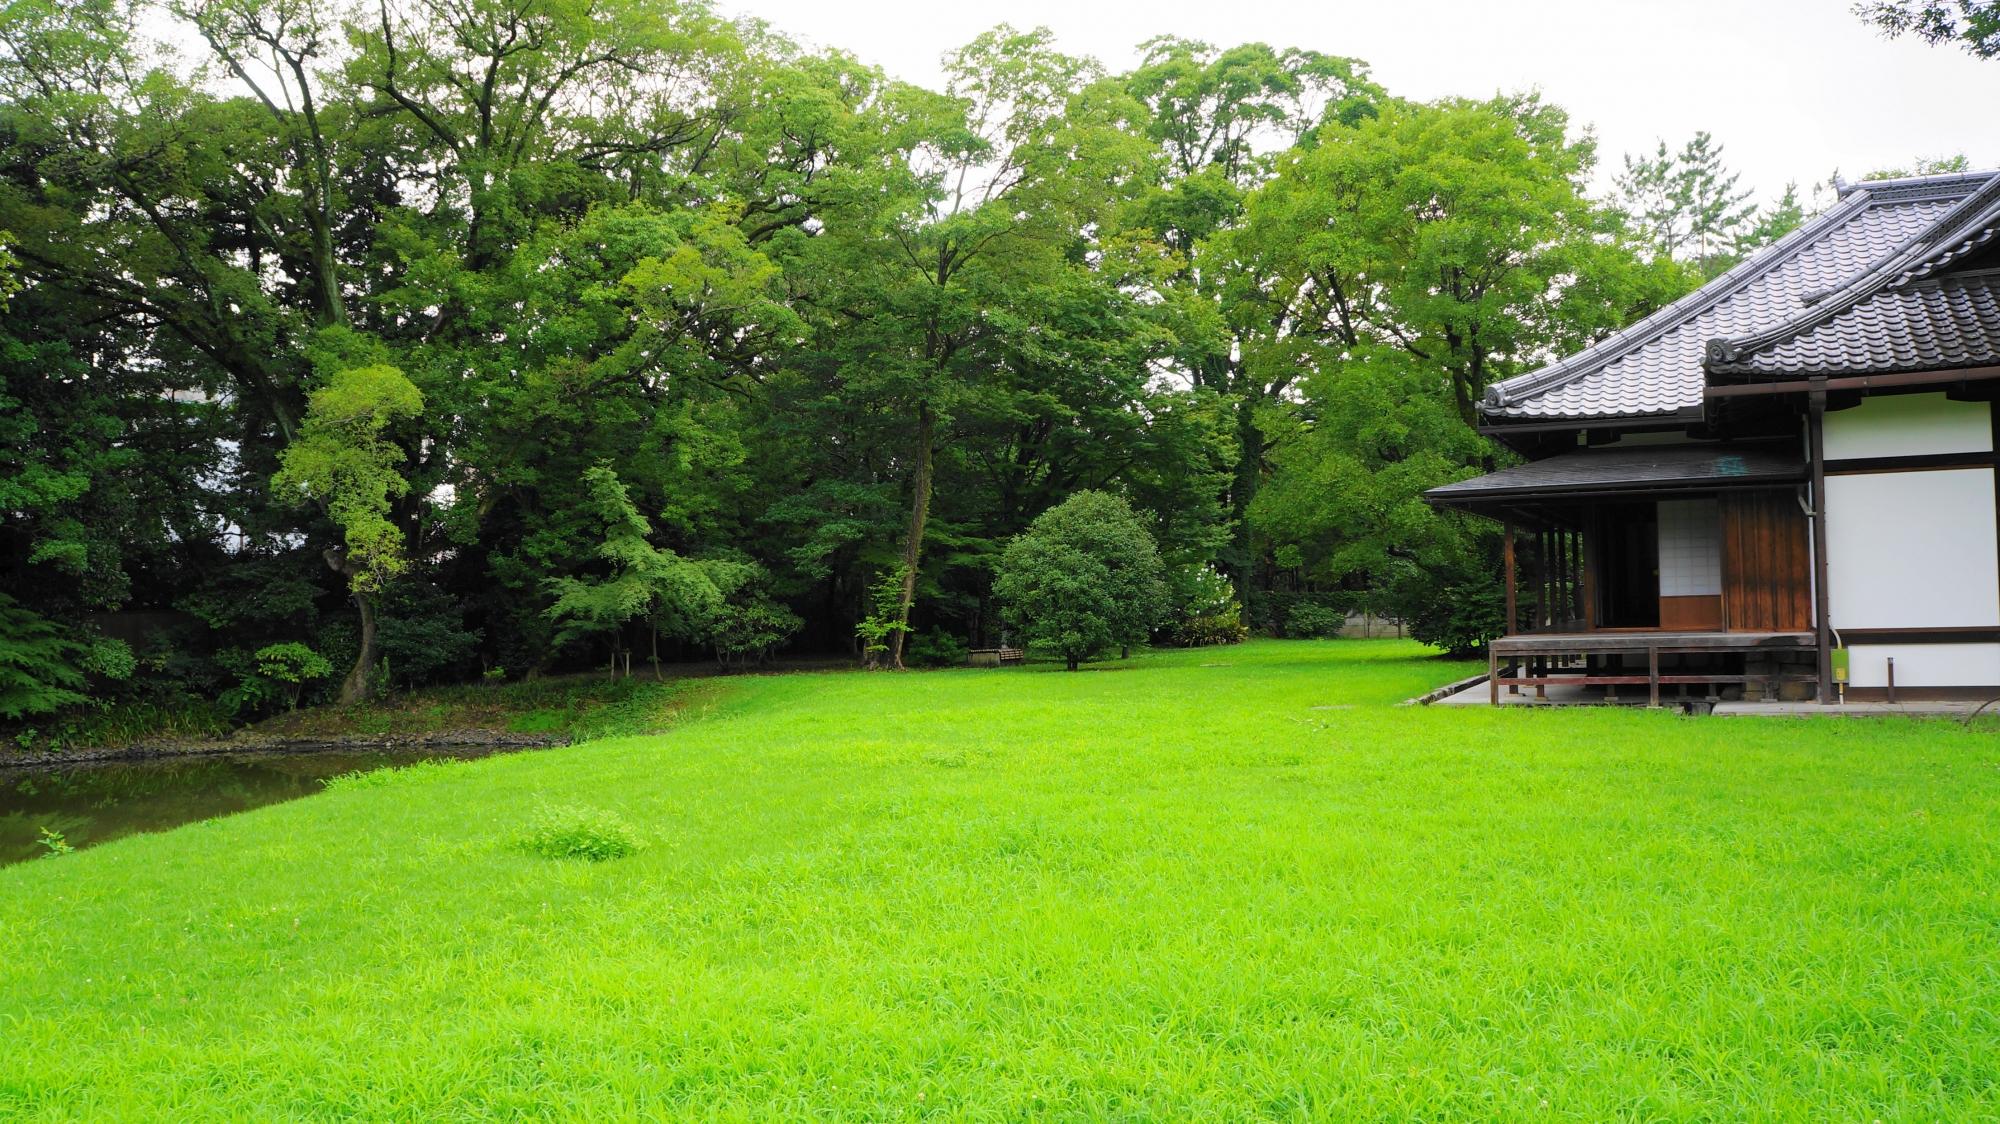 美しい緑の芝生が広がる閑院宮邸跡